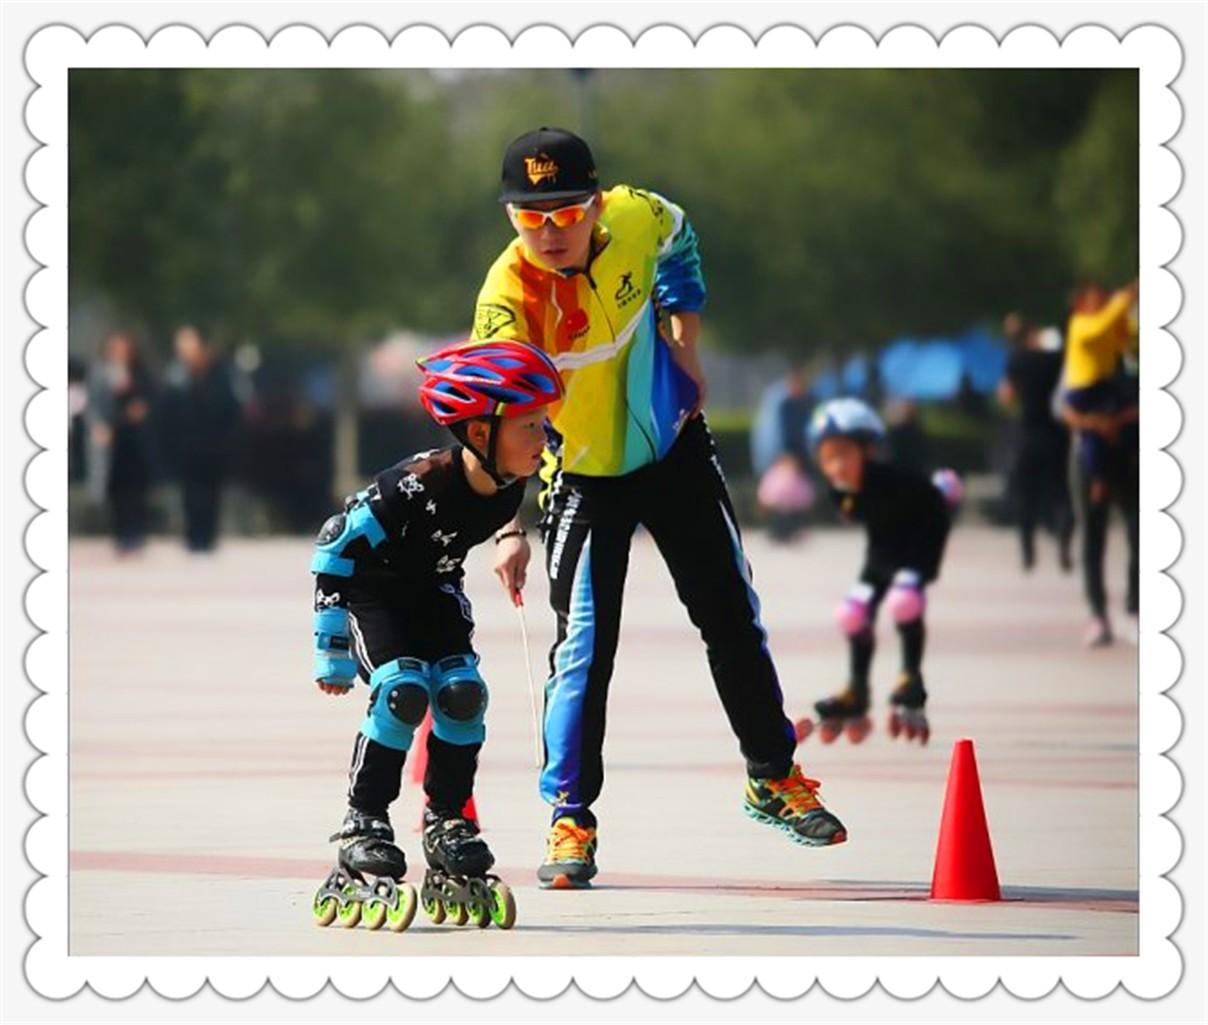 县城儿童速滑特训队2_图1-17